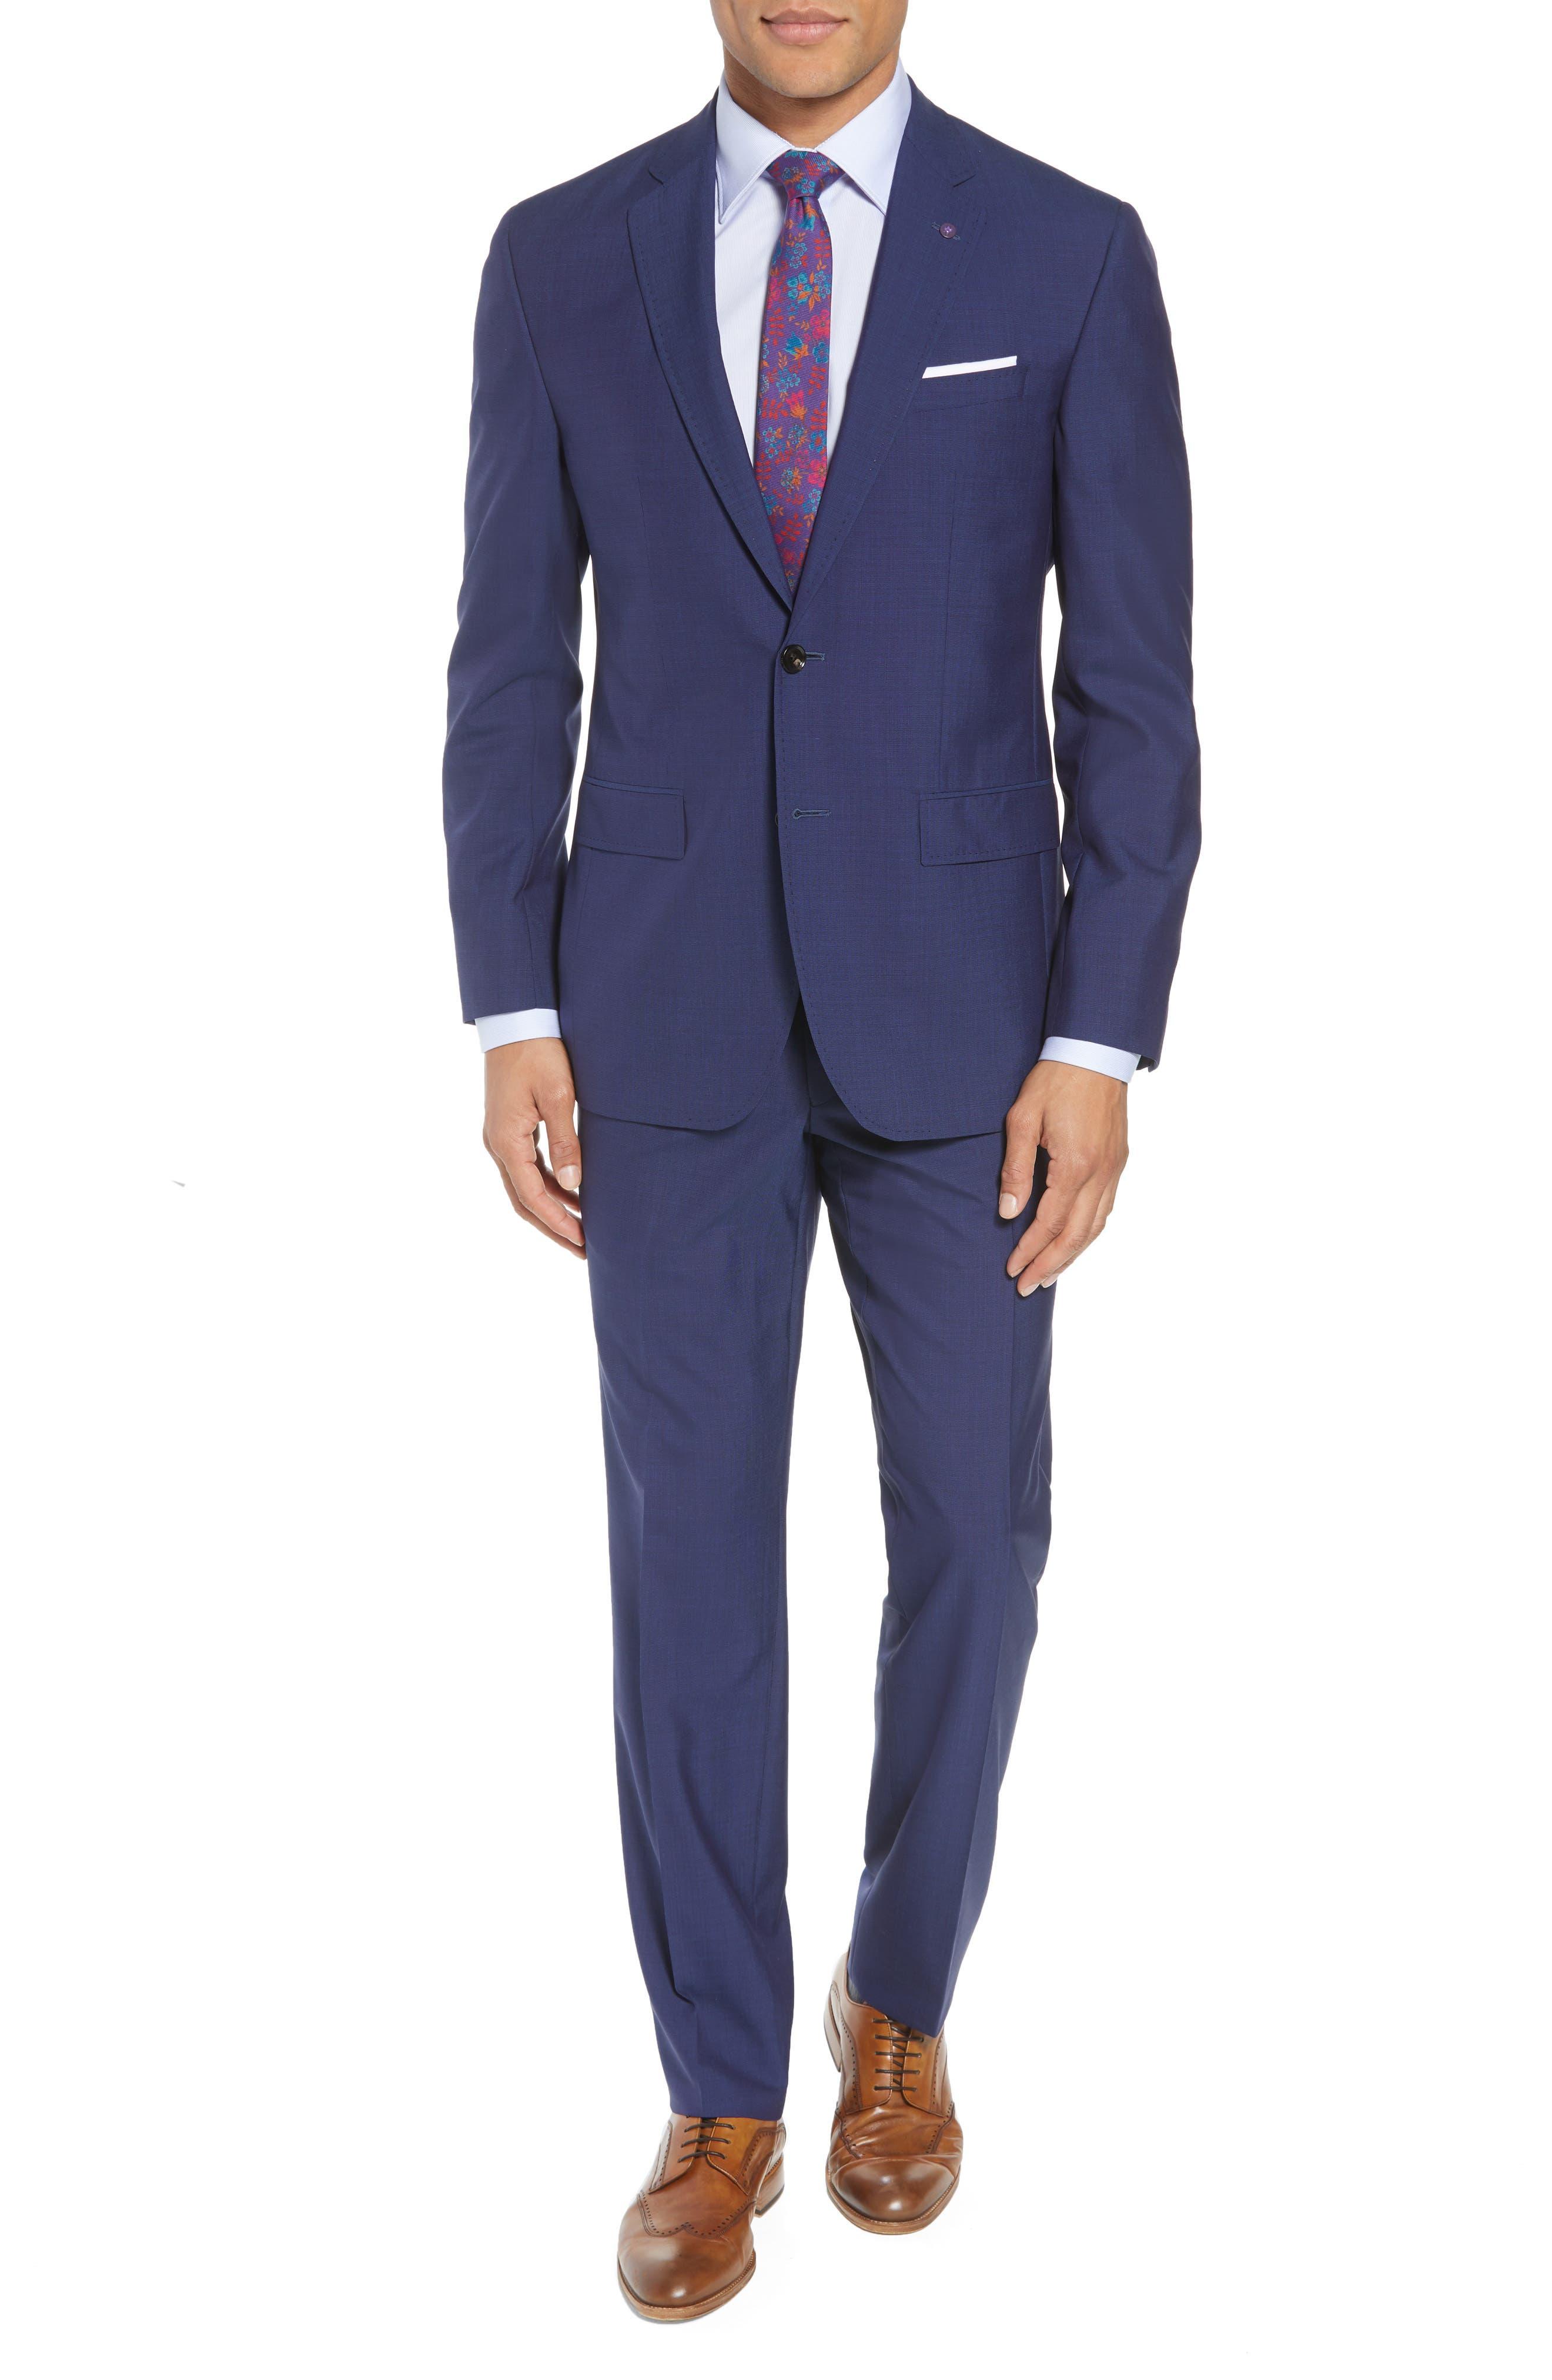 Jay Trim Fit Suit,                         Main,                         color, BLUE